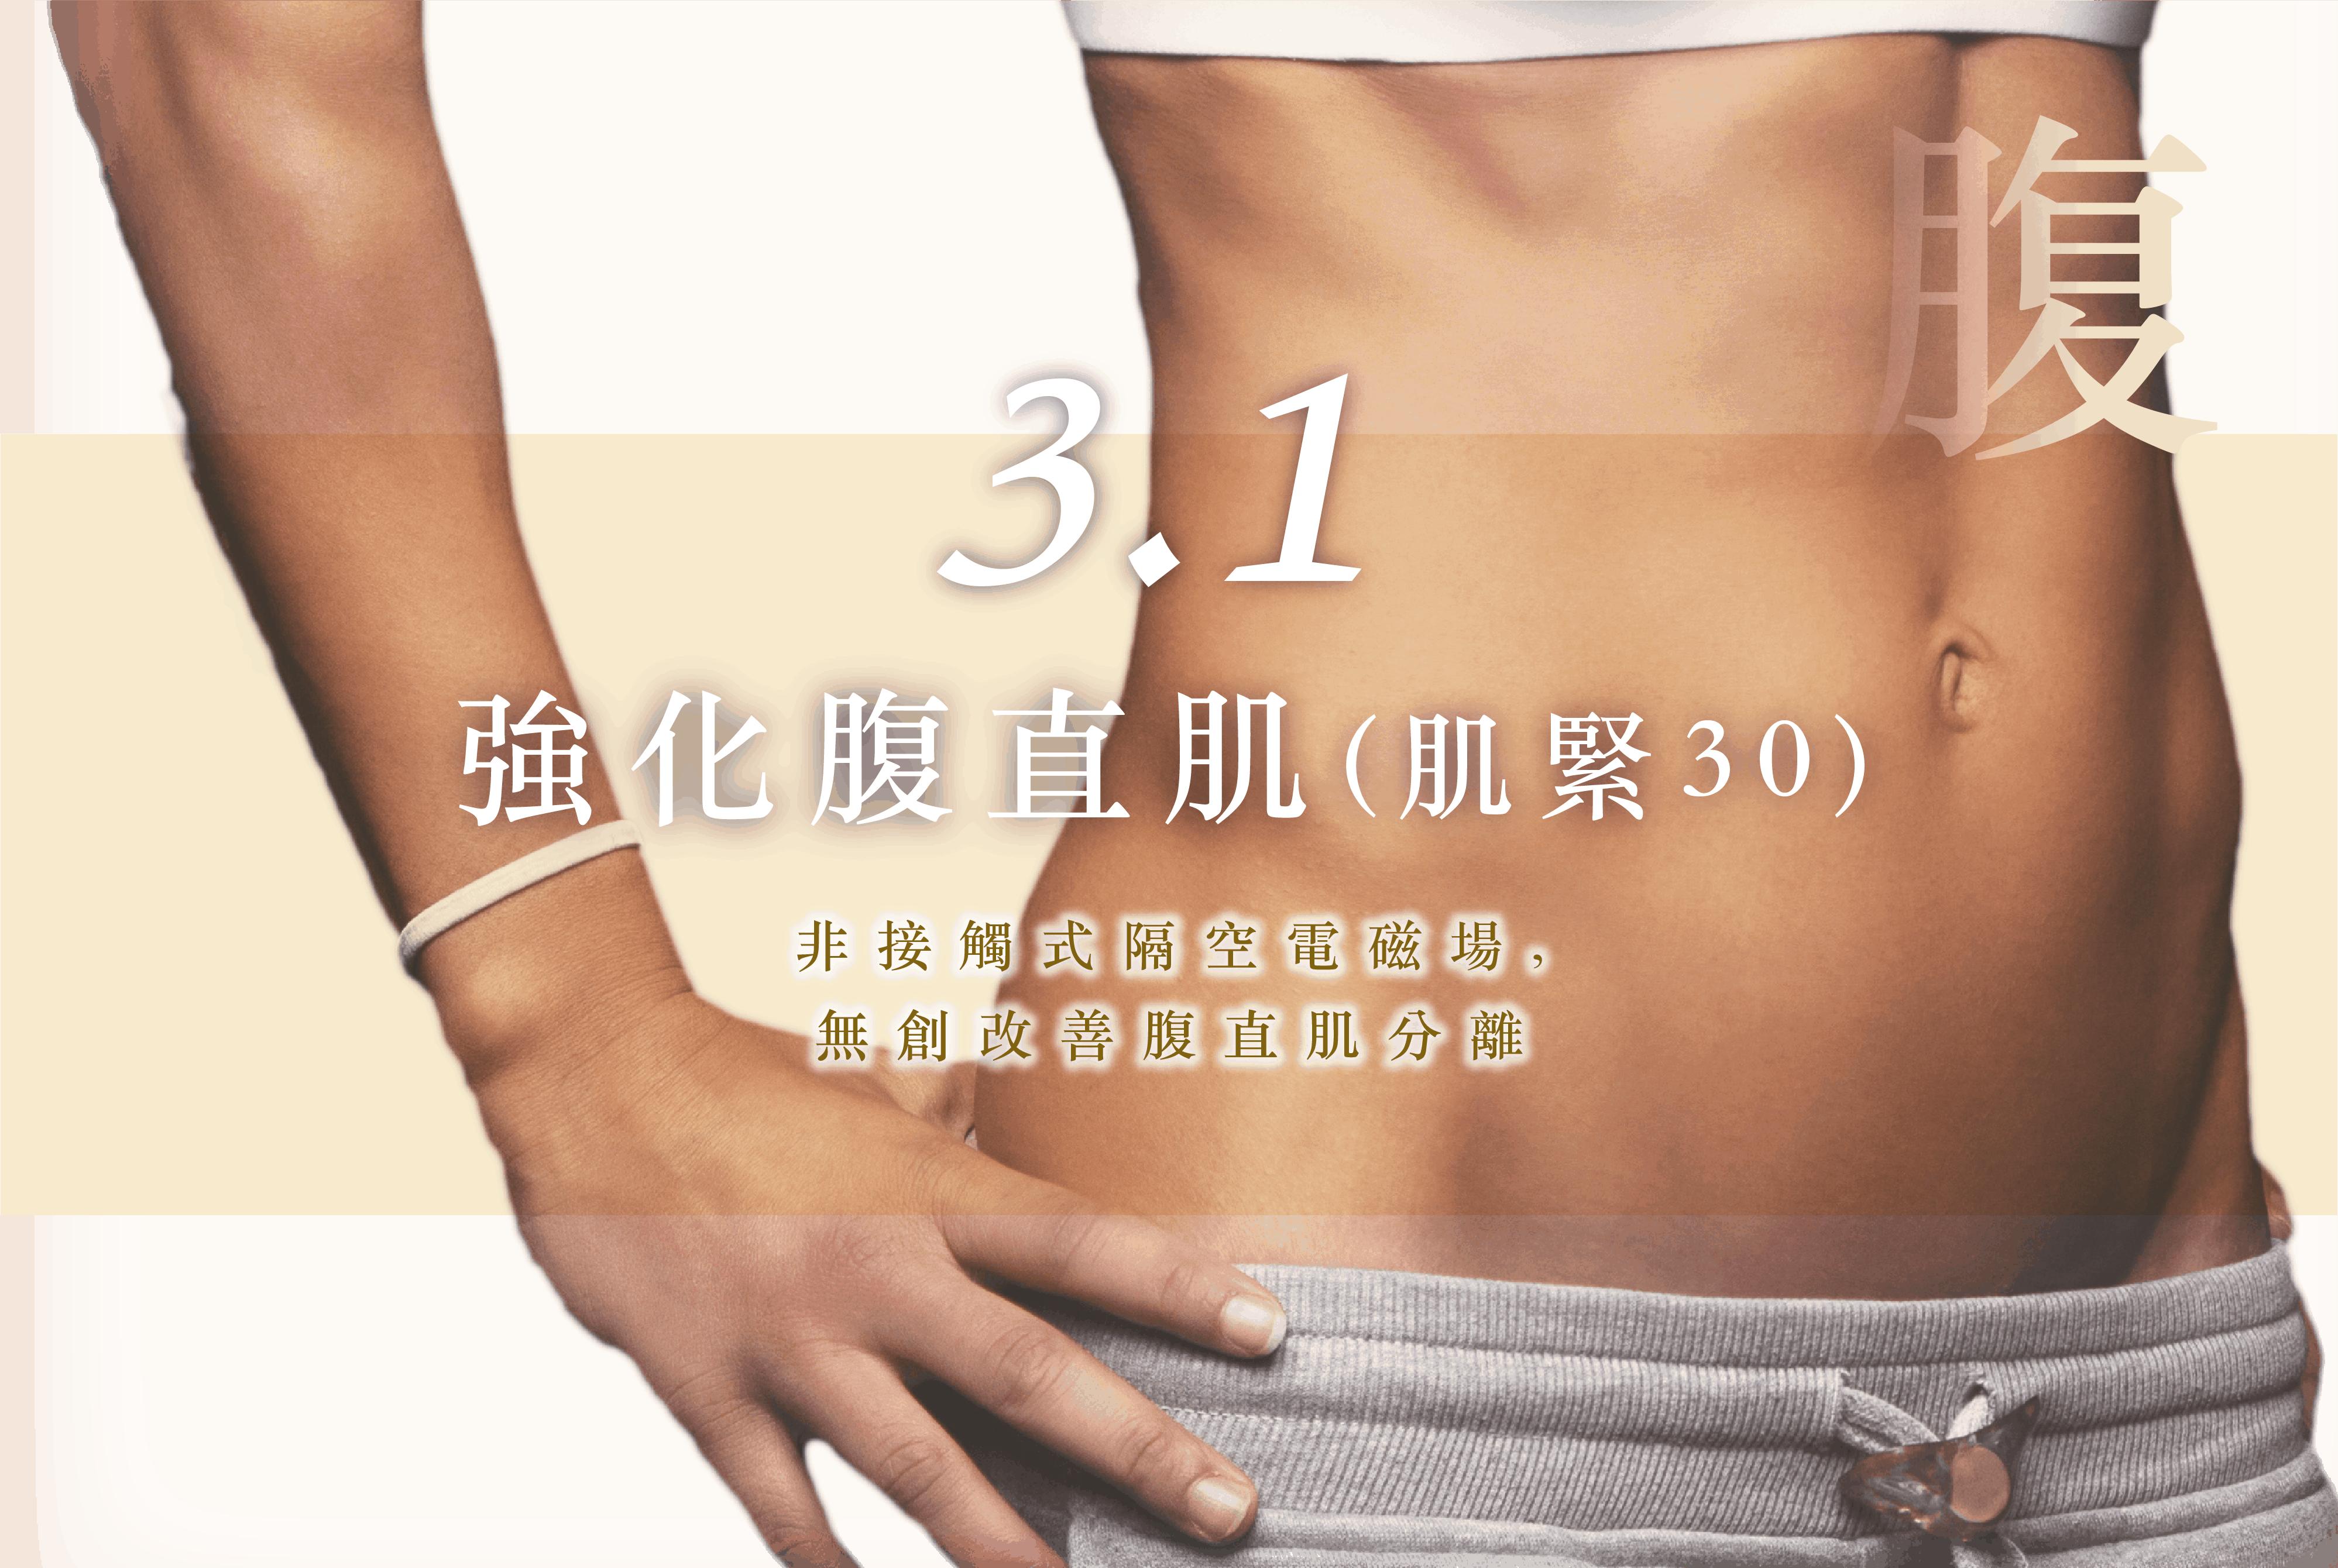 紮肚及產後修復療程優惠 salut talent 06 1